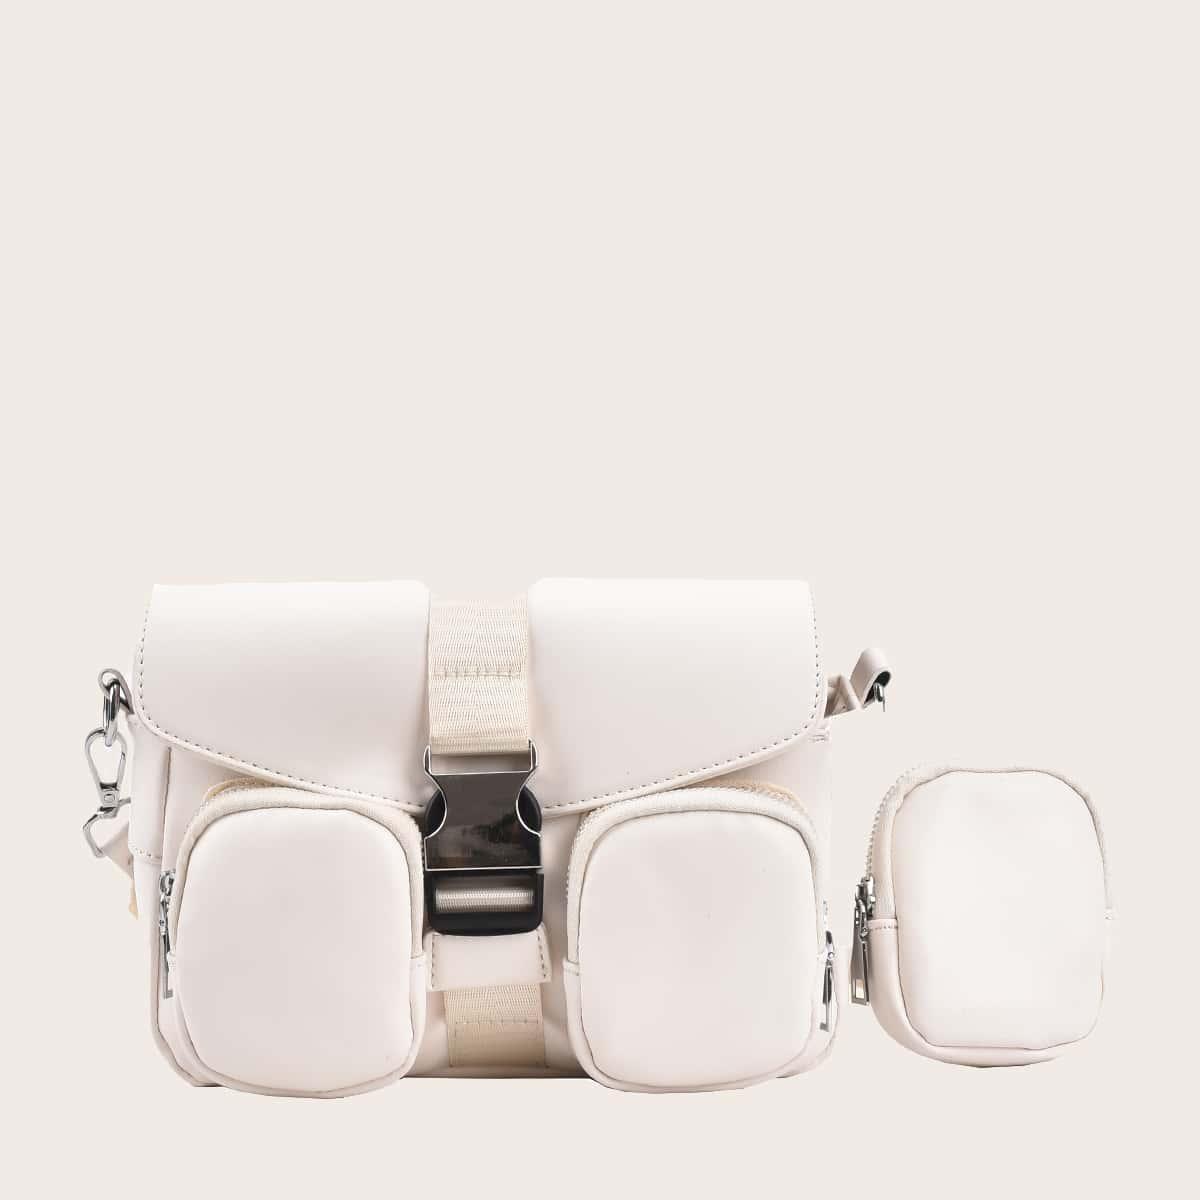 Buckle Decor Crossbody Bag With Purse